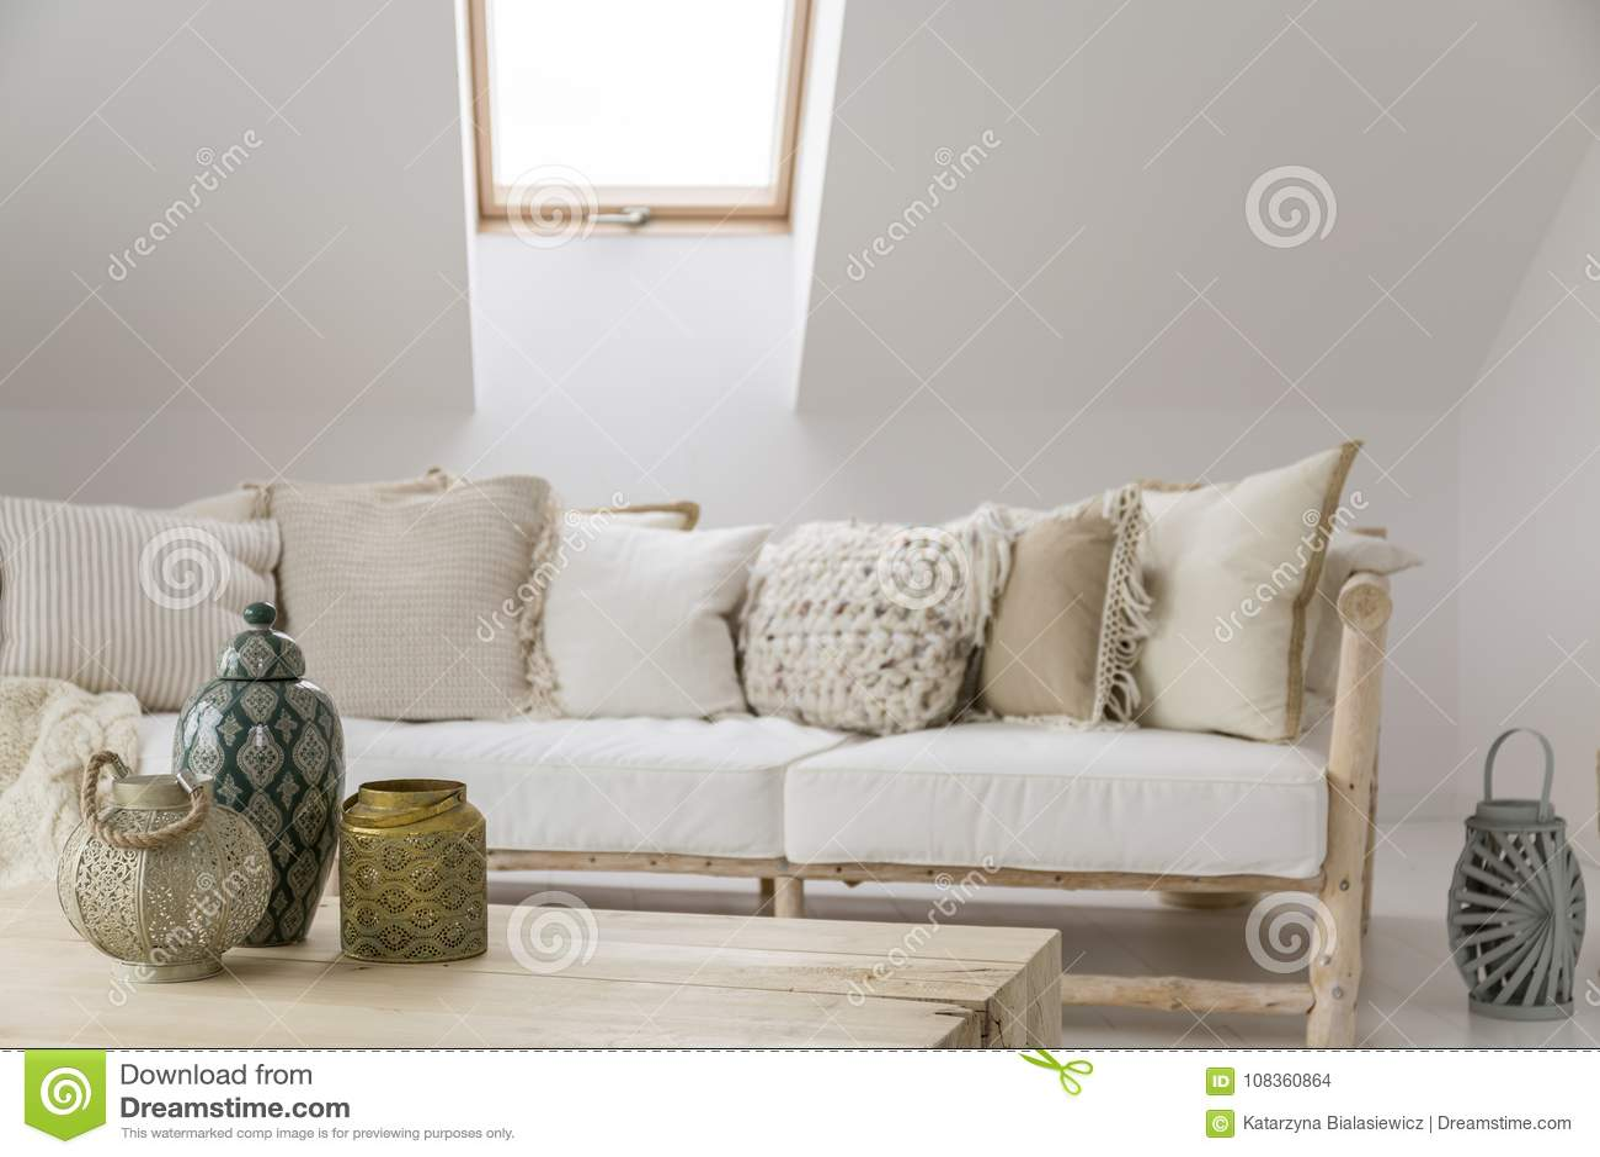 Raum mit dekorativem Zubehör